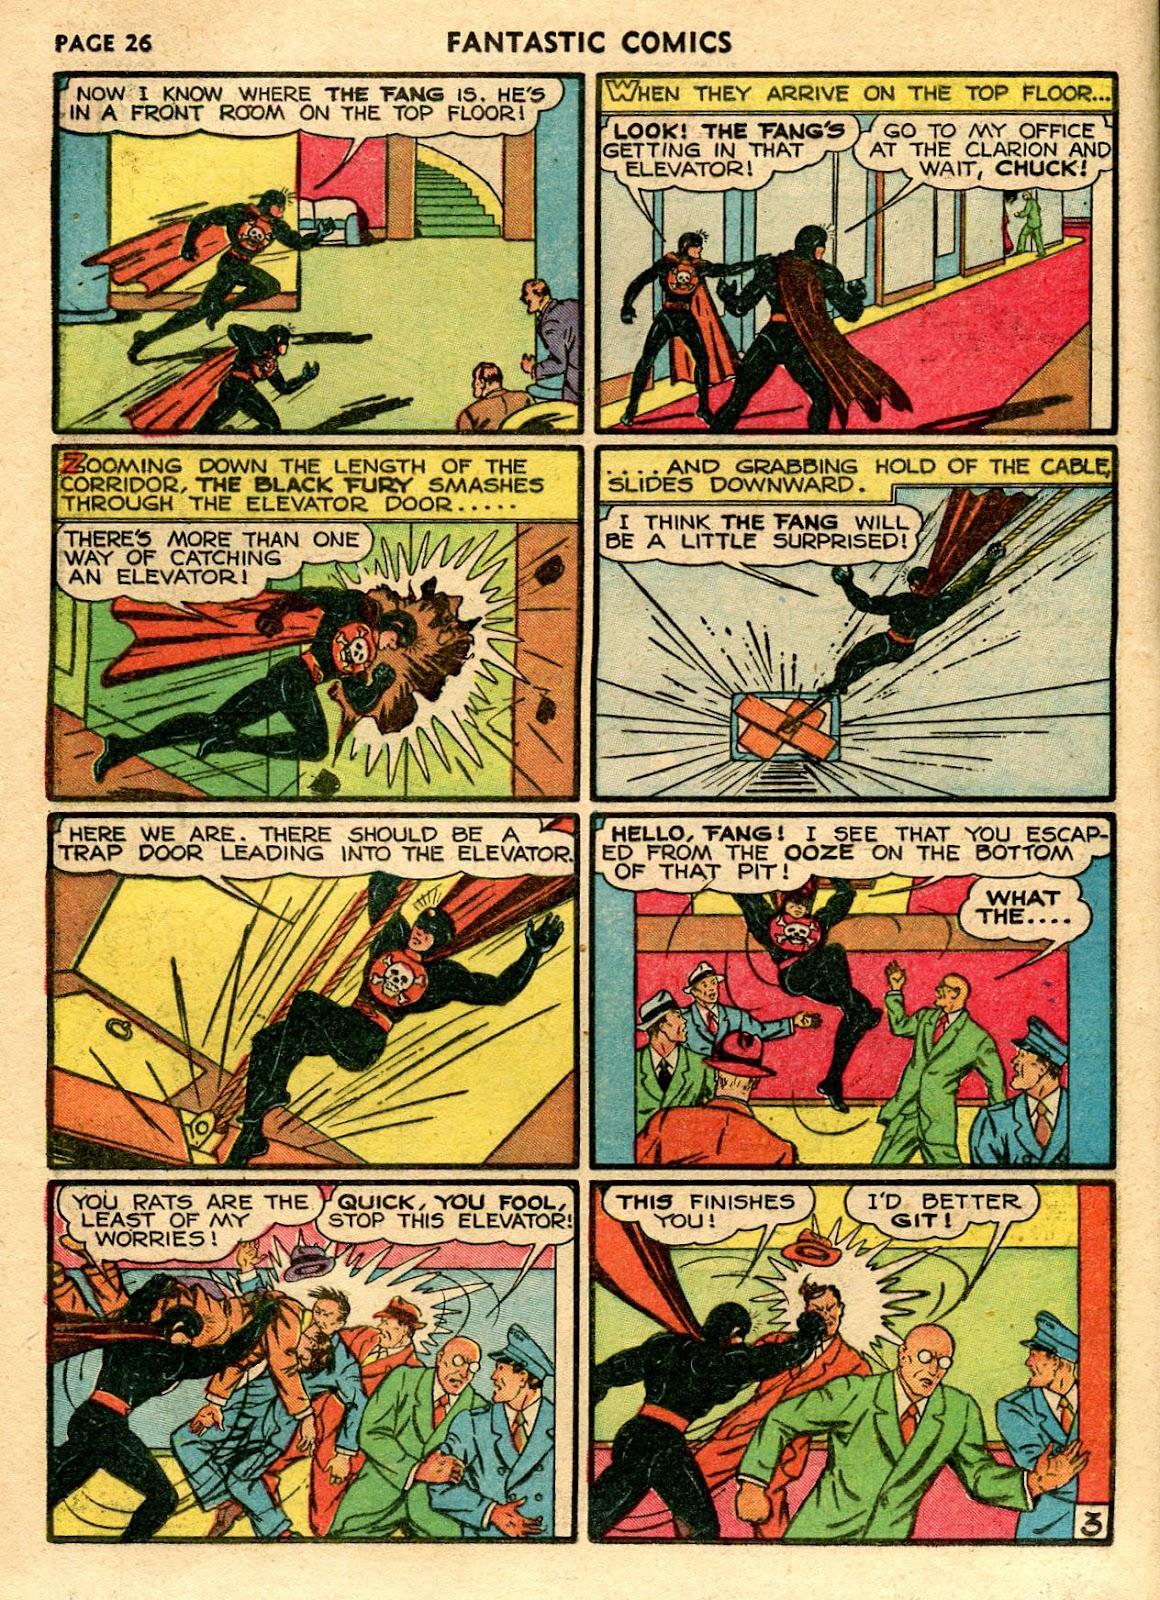 Read online Fantastic Comics comic -  Issue #21 - 28